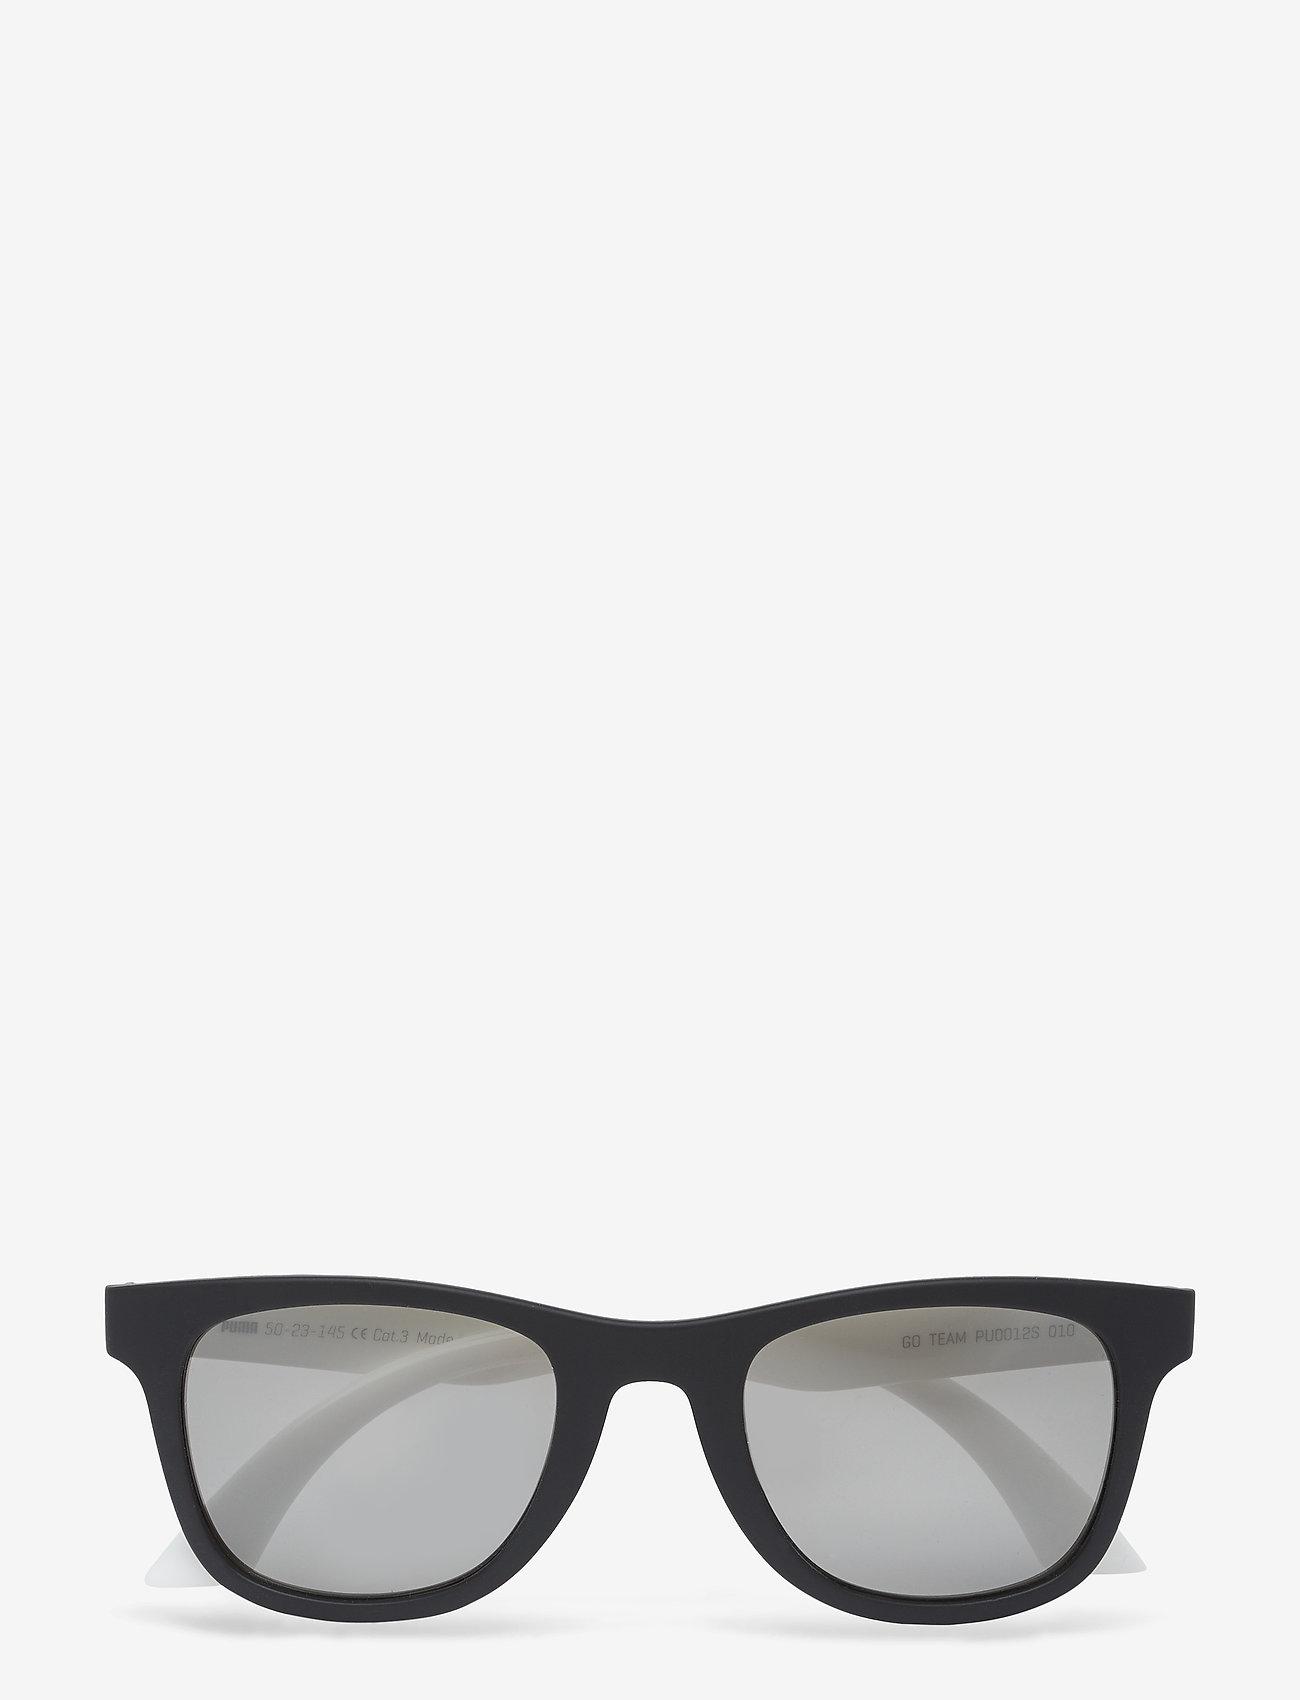 PUMA - PU0012S - okulary przeciwsłoneczne w kształcie litery d - black-white-smoke - 1